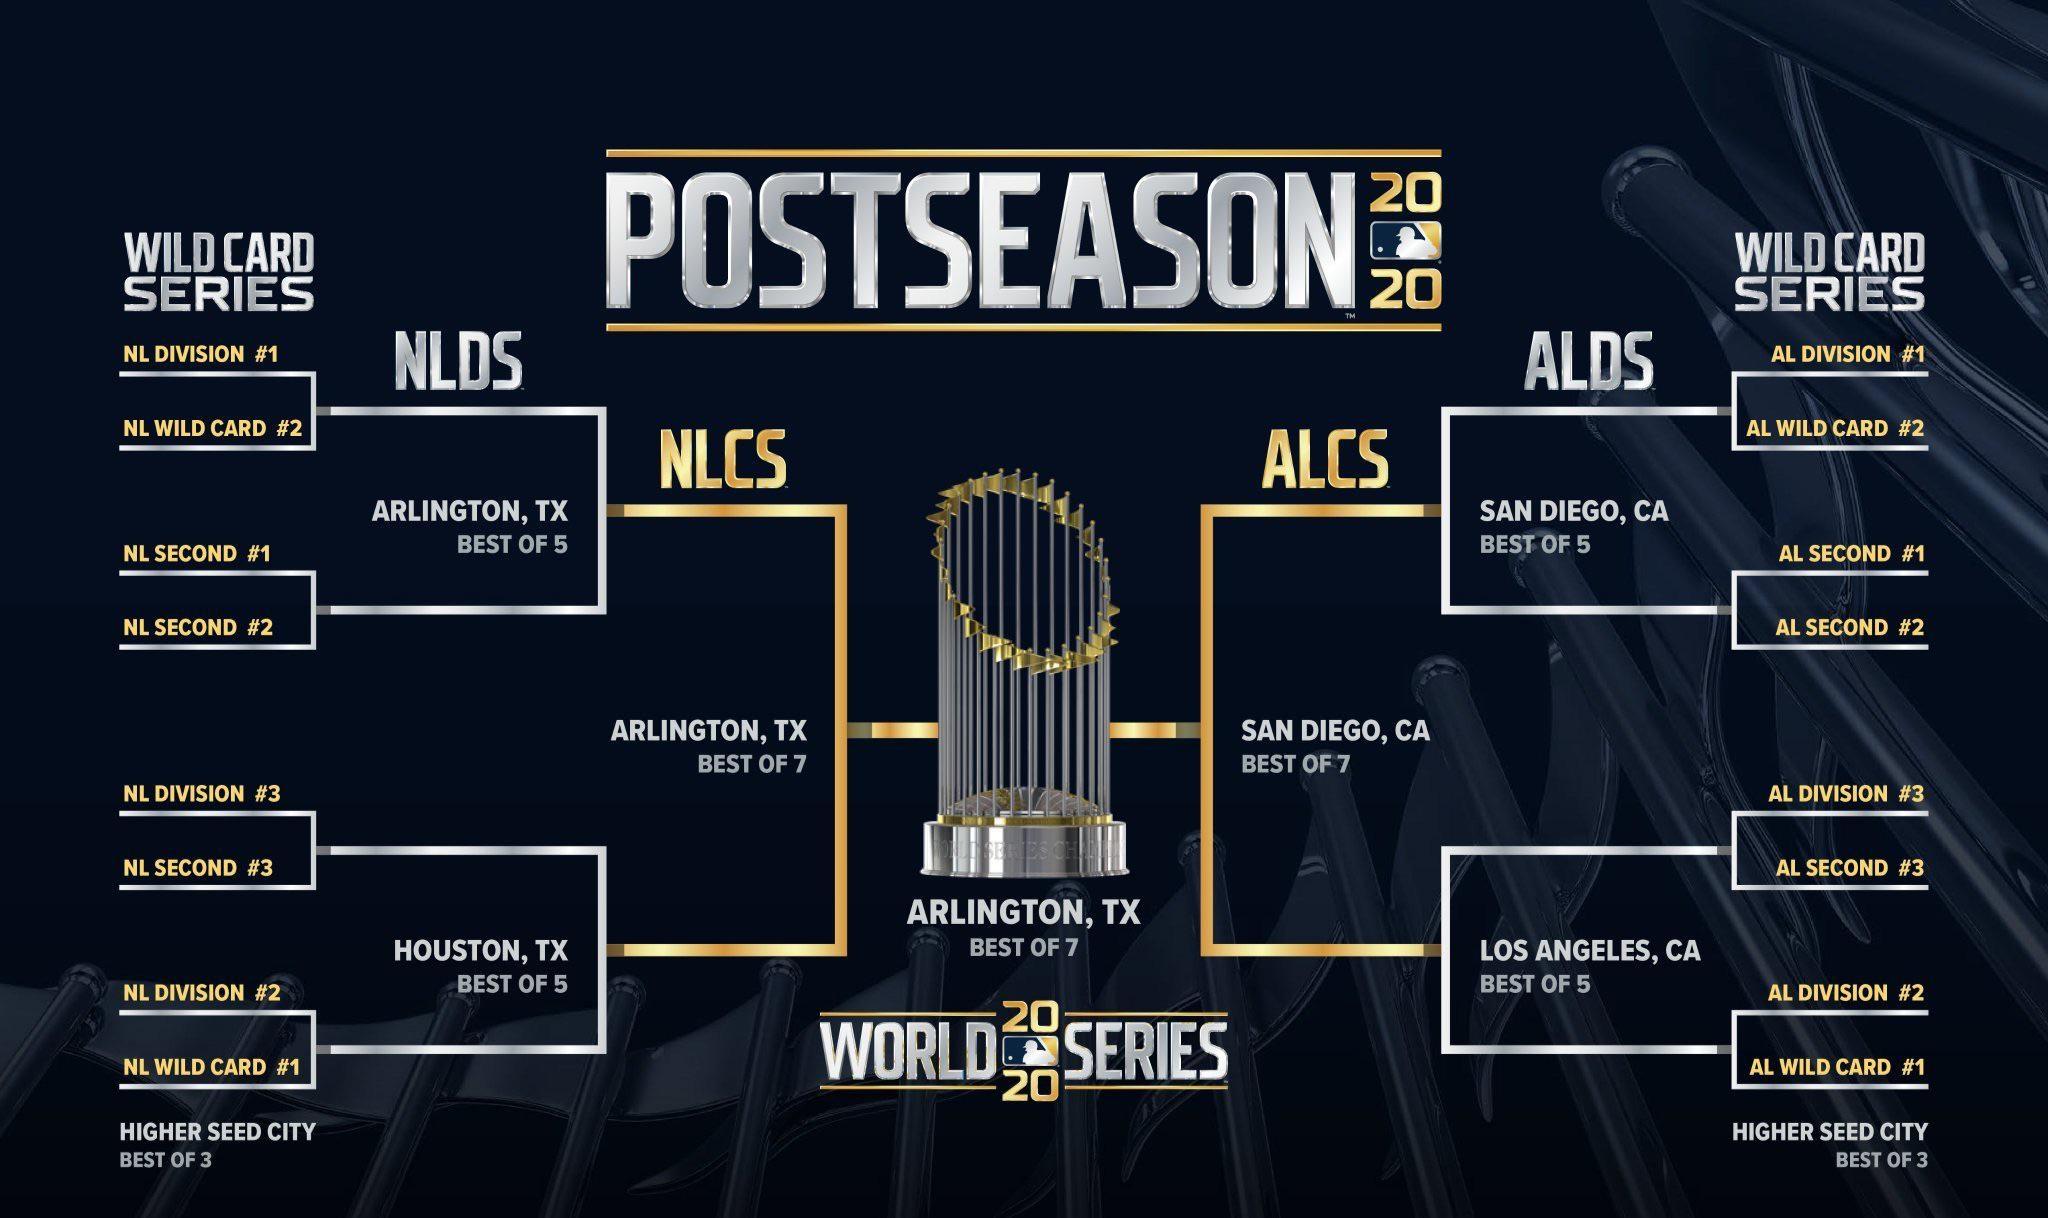 Este es el bracket de la postemporada 2020 de MLB, la cual se llevará a cabo en sedes neutrales.